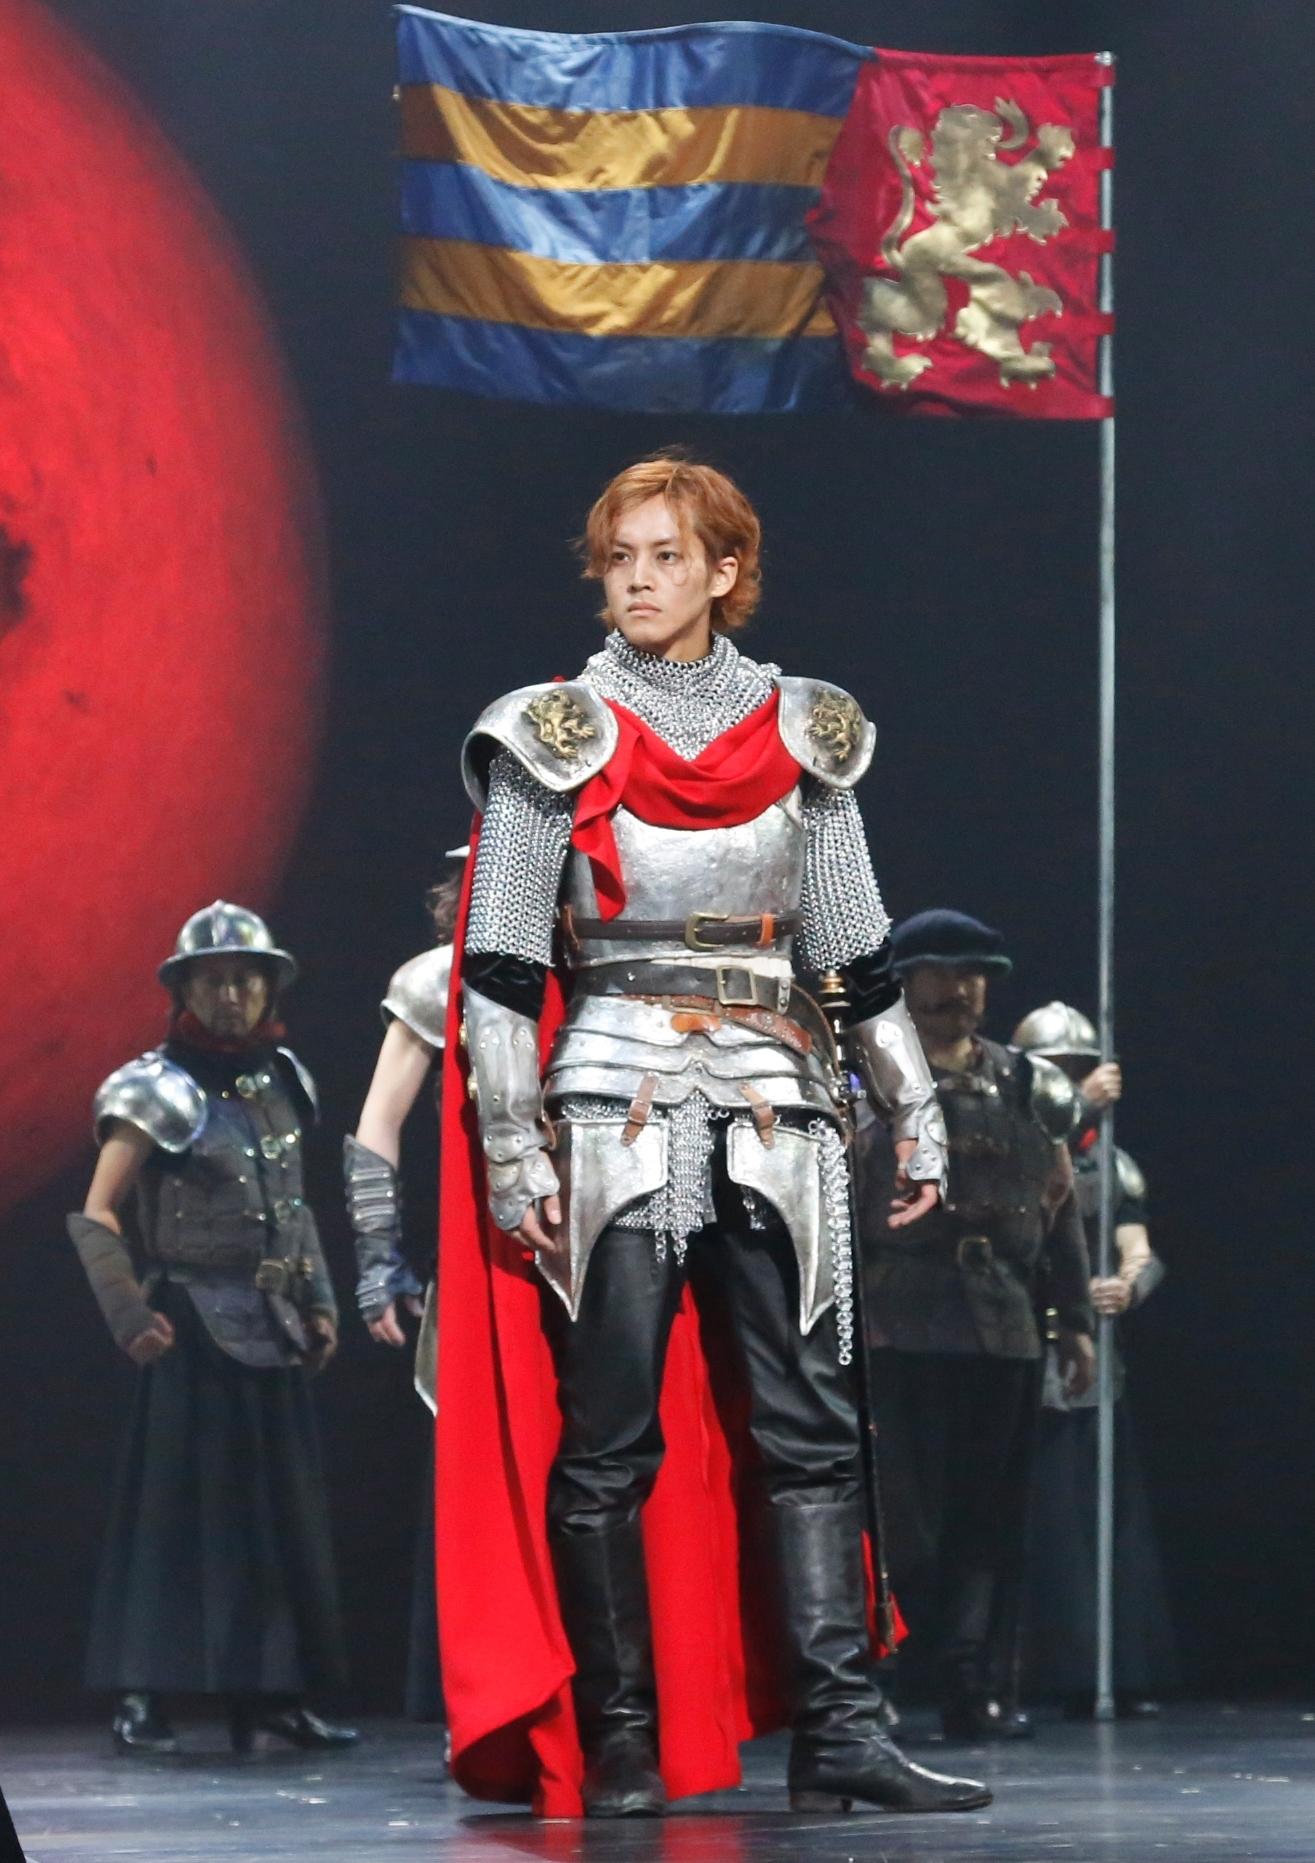 2013年上演『ヘンリー四世』より皇太子ヘンリー(ハル王子)役 松坂桃李 撮影:渡部孝弘